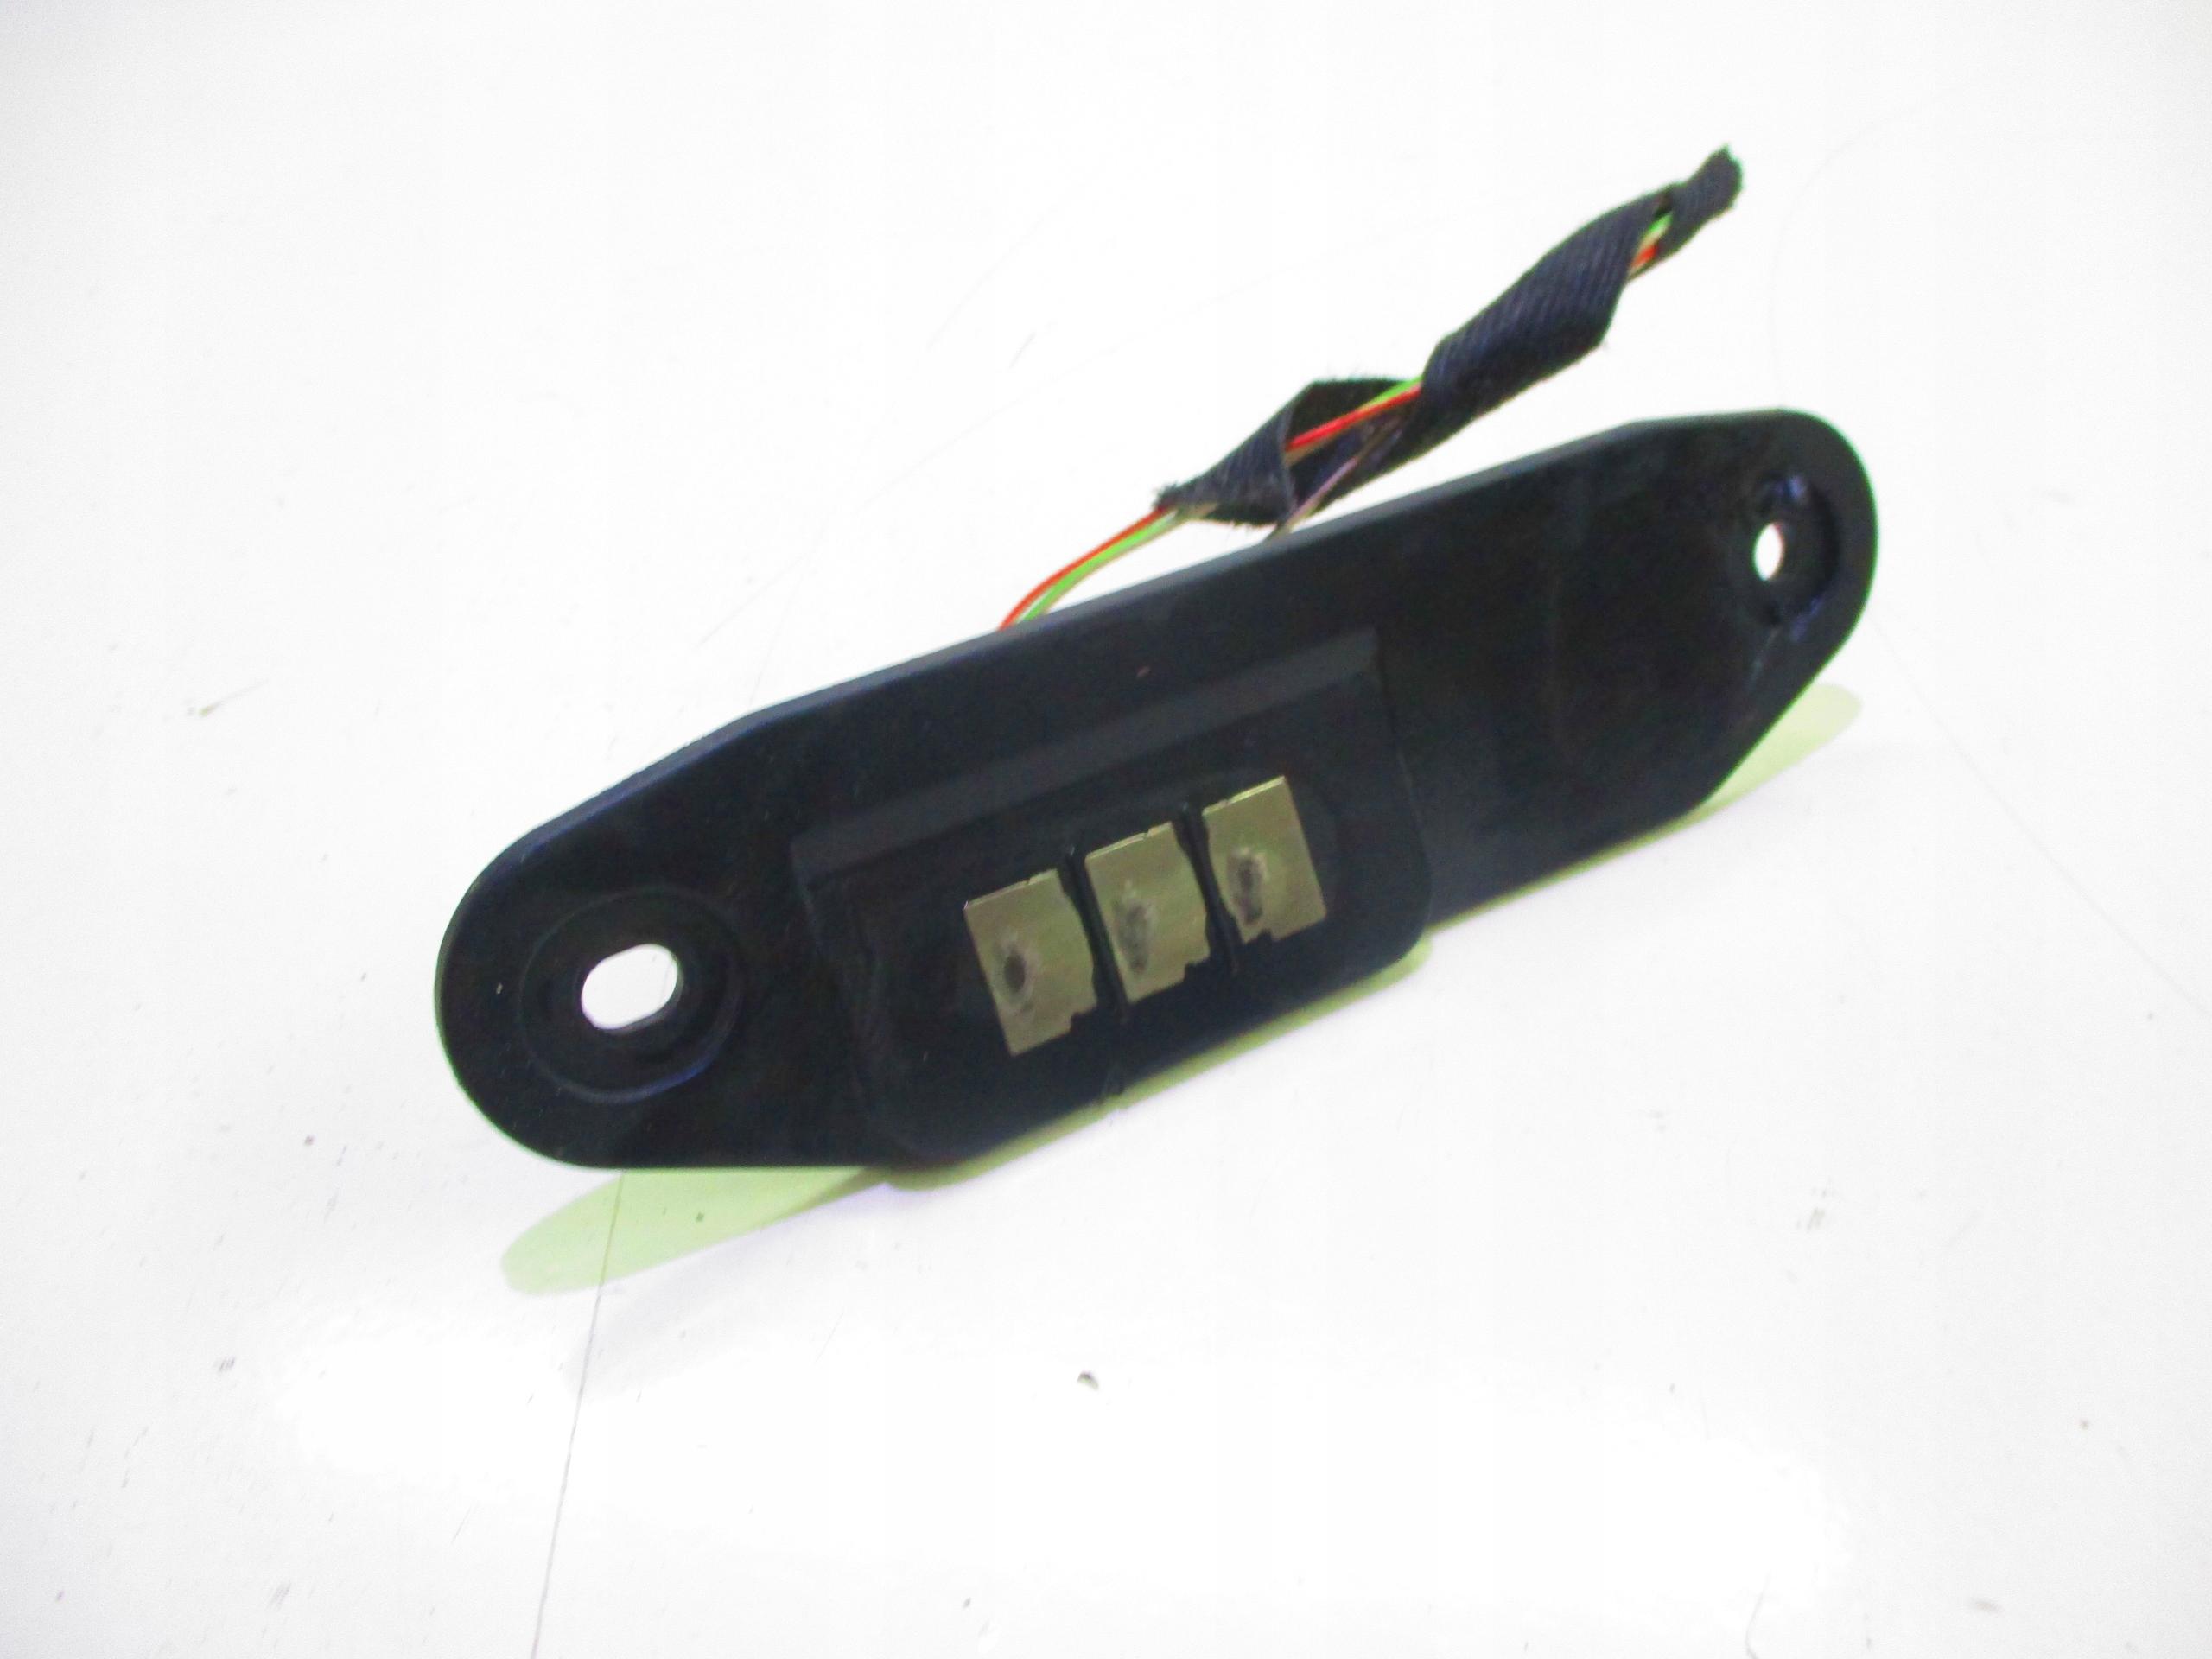 ford transit 00-13 датчик датчик двери раздвижные